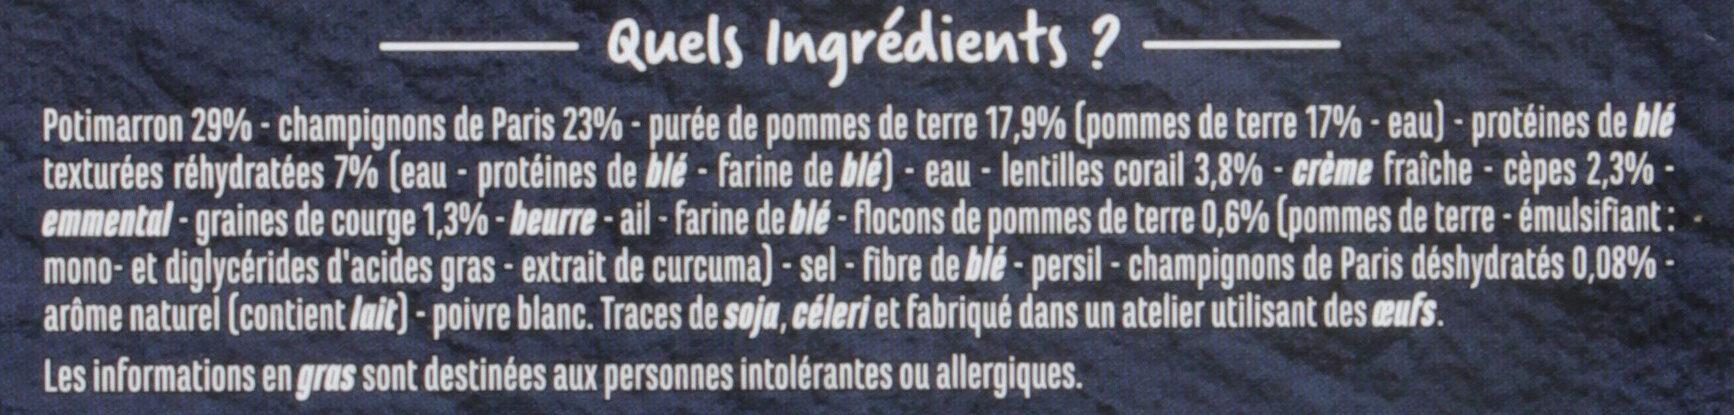 VEGGIE et gourmand hachis potimarron et champignons - Ingredients - fr